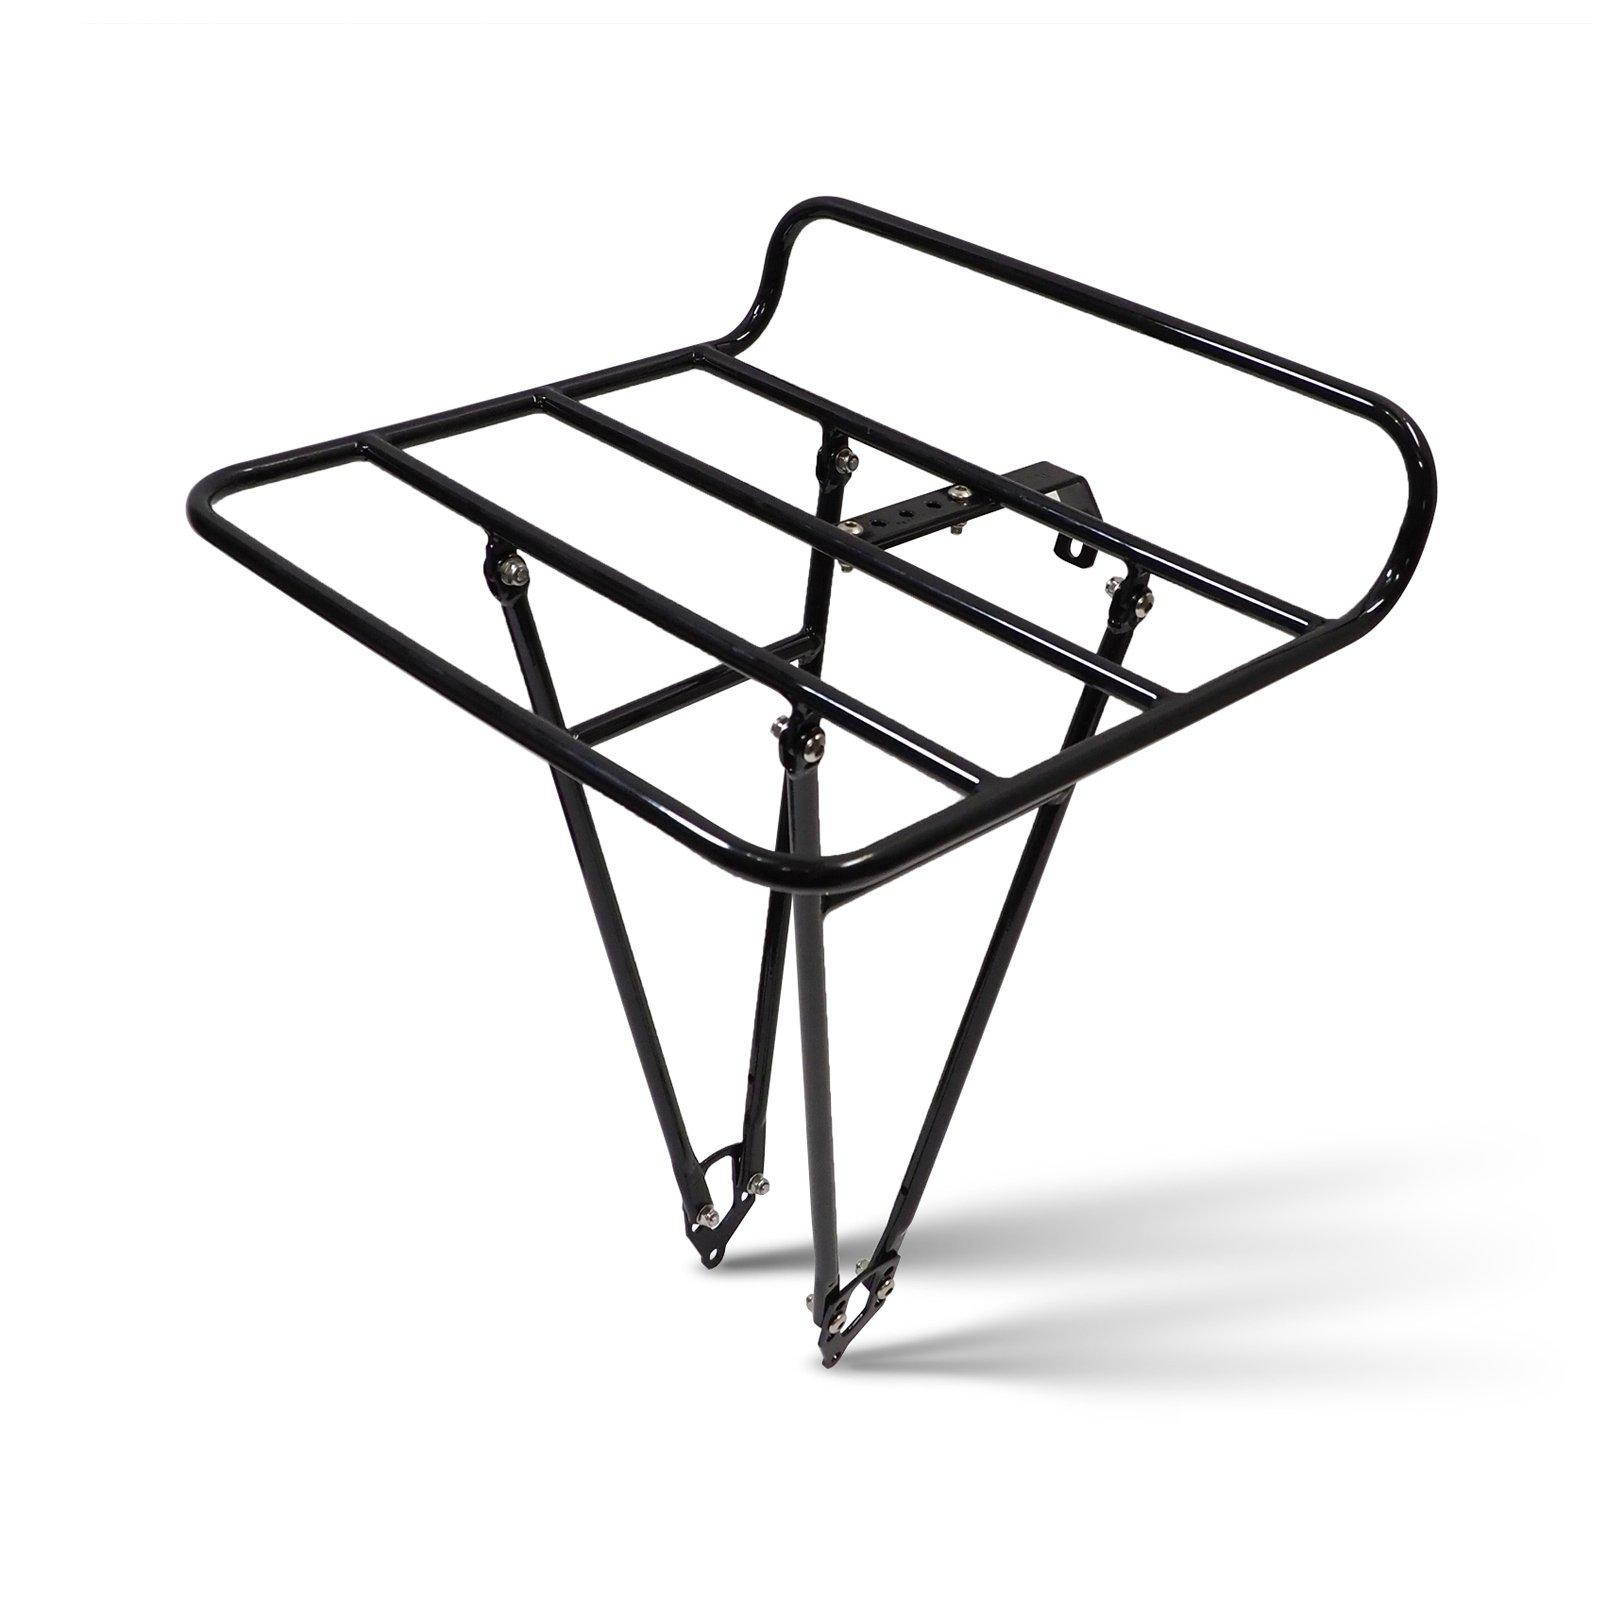 Pelago BICYCLES - Commuter Front Rack (L)